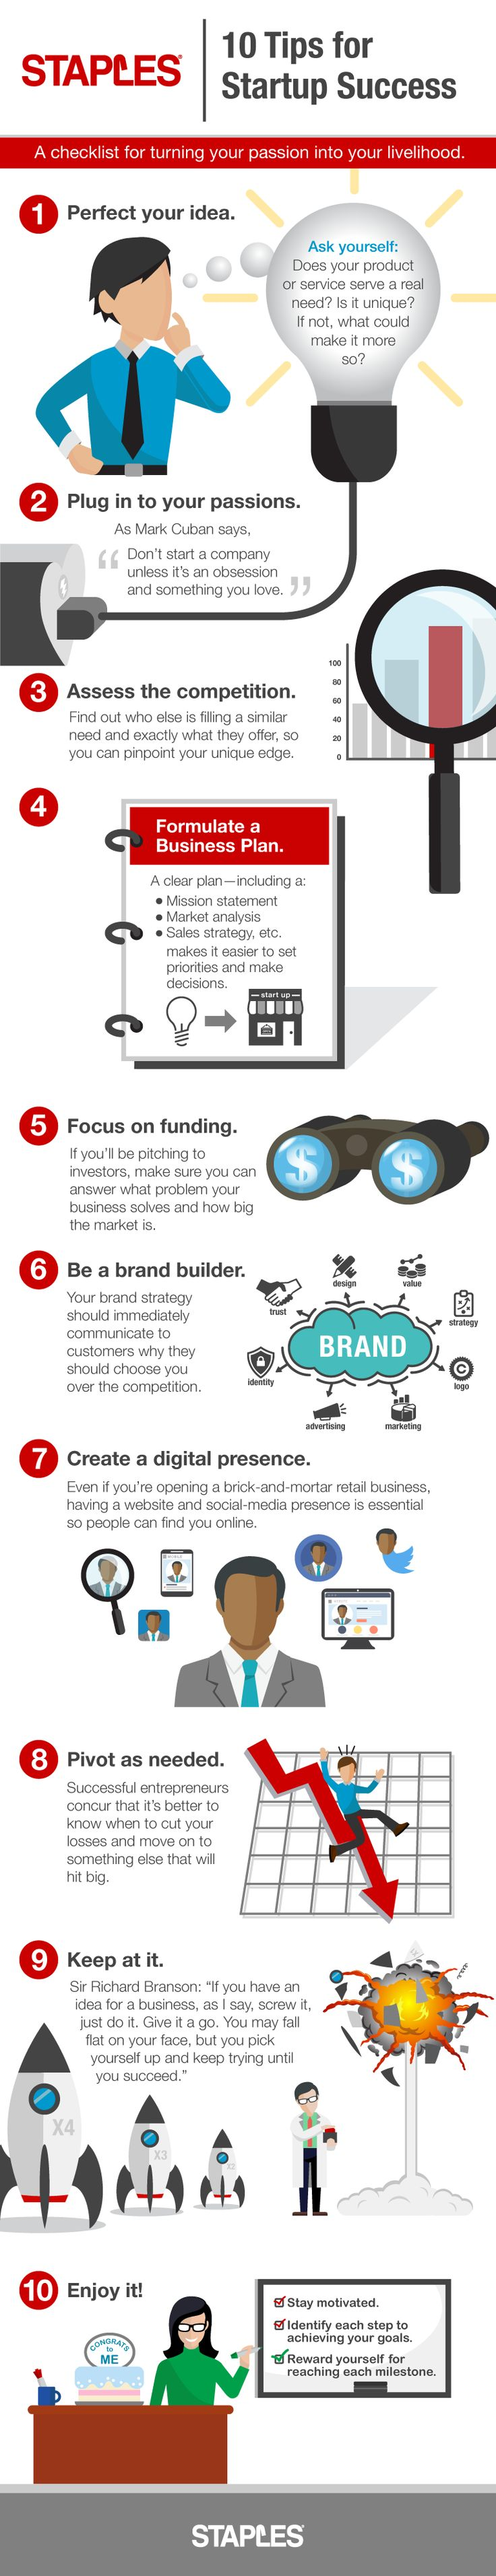 https://i.pinimg.com/736x/b2/99/44/b299447b0ab033a2054c6613c00b97ea--mark-cuban-entrepreneur-magazine.jpg